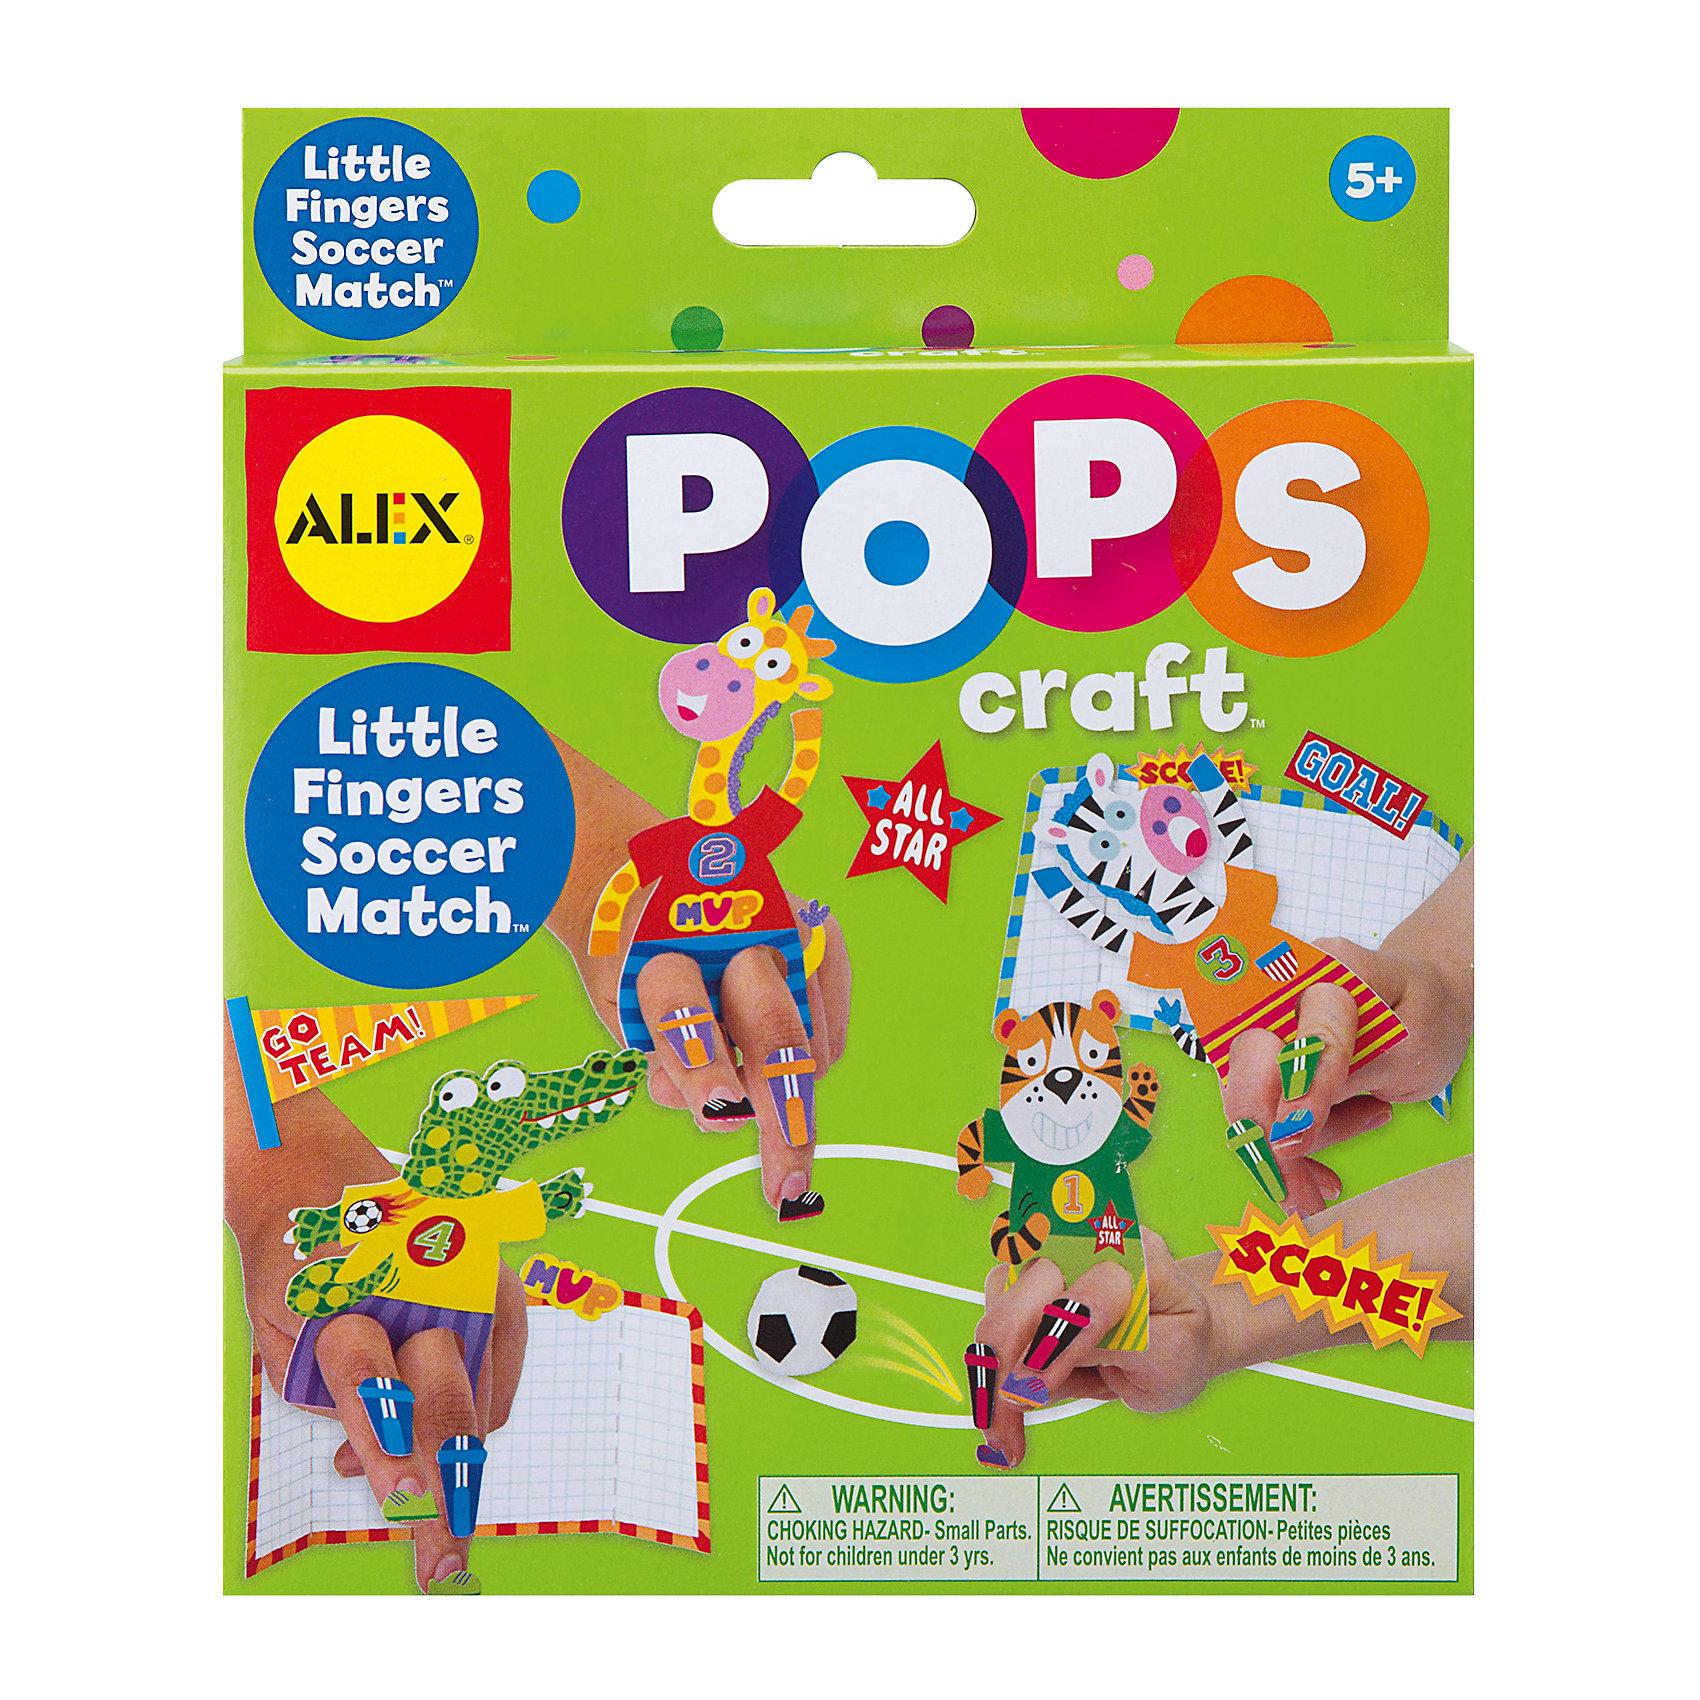 Набор для творчества POPS CRAFT Веселый футбол, ALEXНабор для творчества POPS CRAFT Веселый футбол, ALEX (АЛЕКС) - это набор для тех, кто любит мастерить, что то интересное своими руками.<br>Этот набор от компании ALEX (АЛЕКС) предоставит ребенку удивительную возможность создать бумажные фигурки в виде зверюшек-футболистов: тигра, зебры, крокодила и жирафа. В комплекте есть все необходимое для творчества: бумажные заготовки, наклейки и маленький мячик. Изготовить поделки достаточно просто, нужно лишь следовать пошаговой инструкции из комплекта. После того, как детские пальчики превратятся в настоящих футбольных игроков, можно начинать матч. Увлекательный процесс непременно заинтересует детей и подарит море восторга. Изготовление поделок своими руками развивает усидчивость, память, внимание, мелкую моторику рук, пространственное мышление, координацию движений и фантазию.<br><br>Дополнительная информация:<br><br>- В наборе: 9 бумажных заготовок; 90 наклеек; полипропиленовый мячик; инструкция<br>- Материал: картон, бумага<br>- Упаковка: картонная коробка<br>- Размеры упаковки: 15,2х3,8х18,4 см.<br>- Вес: 96 гр.<br><br>Набор для творчества POPS CRAFT Веселый футбол, ALEX (АЛЕКС) можно купить в нашем интернет-магазине.<br><br>Ширина мм: 152<br>Глубина мм: 38<br>Высота мм: 184<br>Вес г: 96<br>Возраст от месяцев: 60<br>Возраст до месяцев: 108<br>Пол: Мужской<br>Возраст: Детский<br>SKU: 4556950